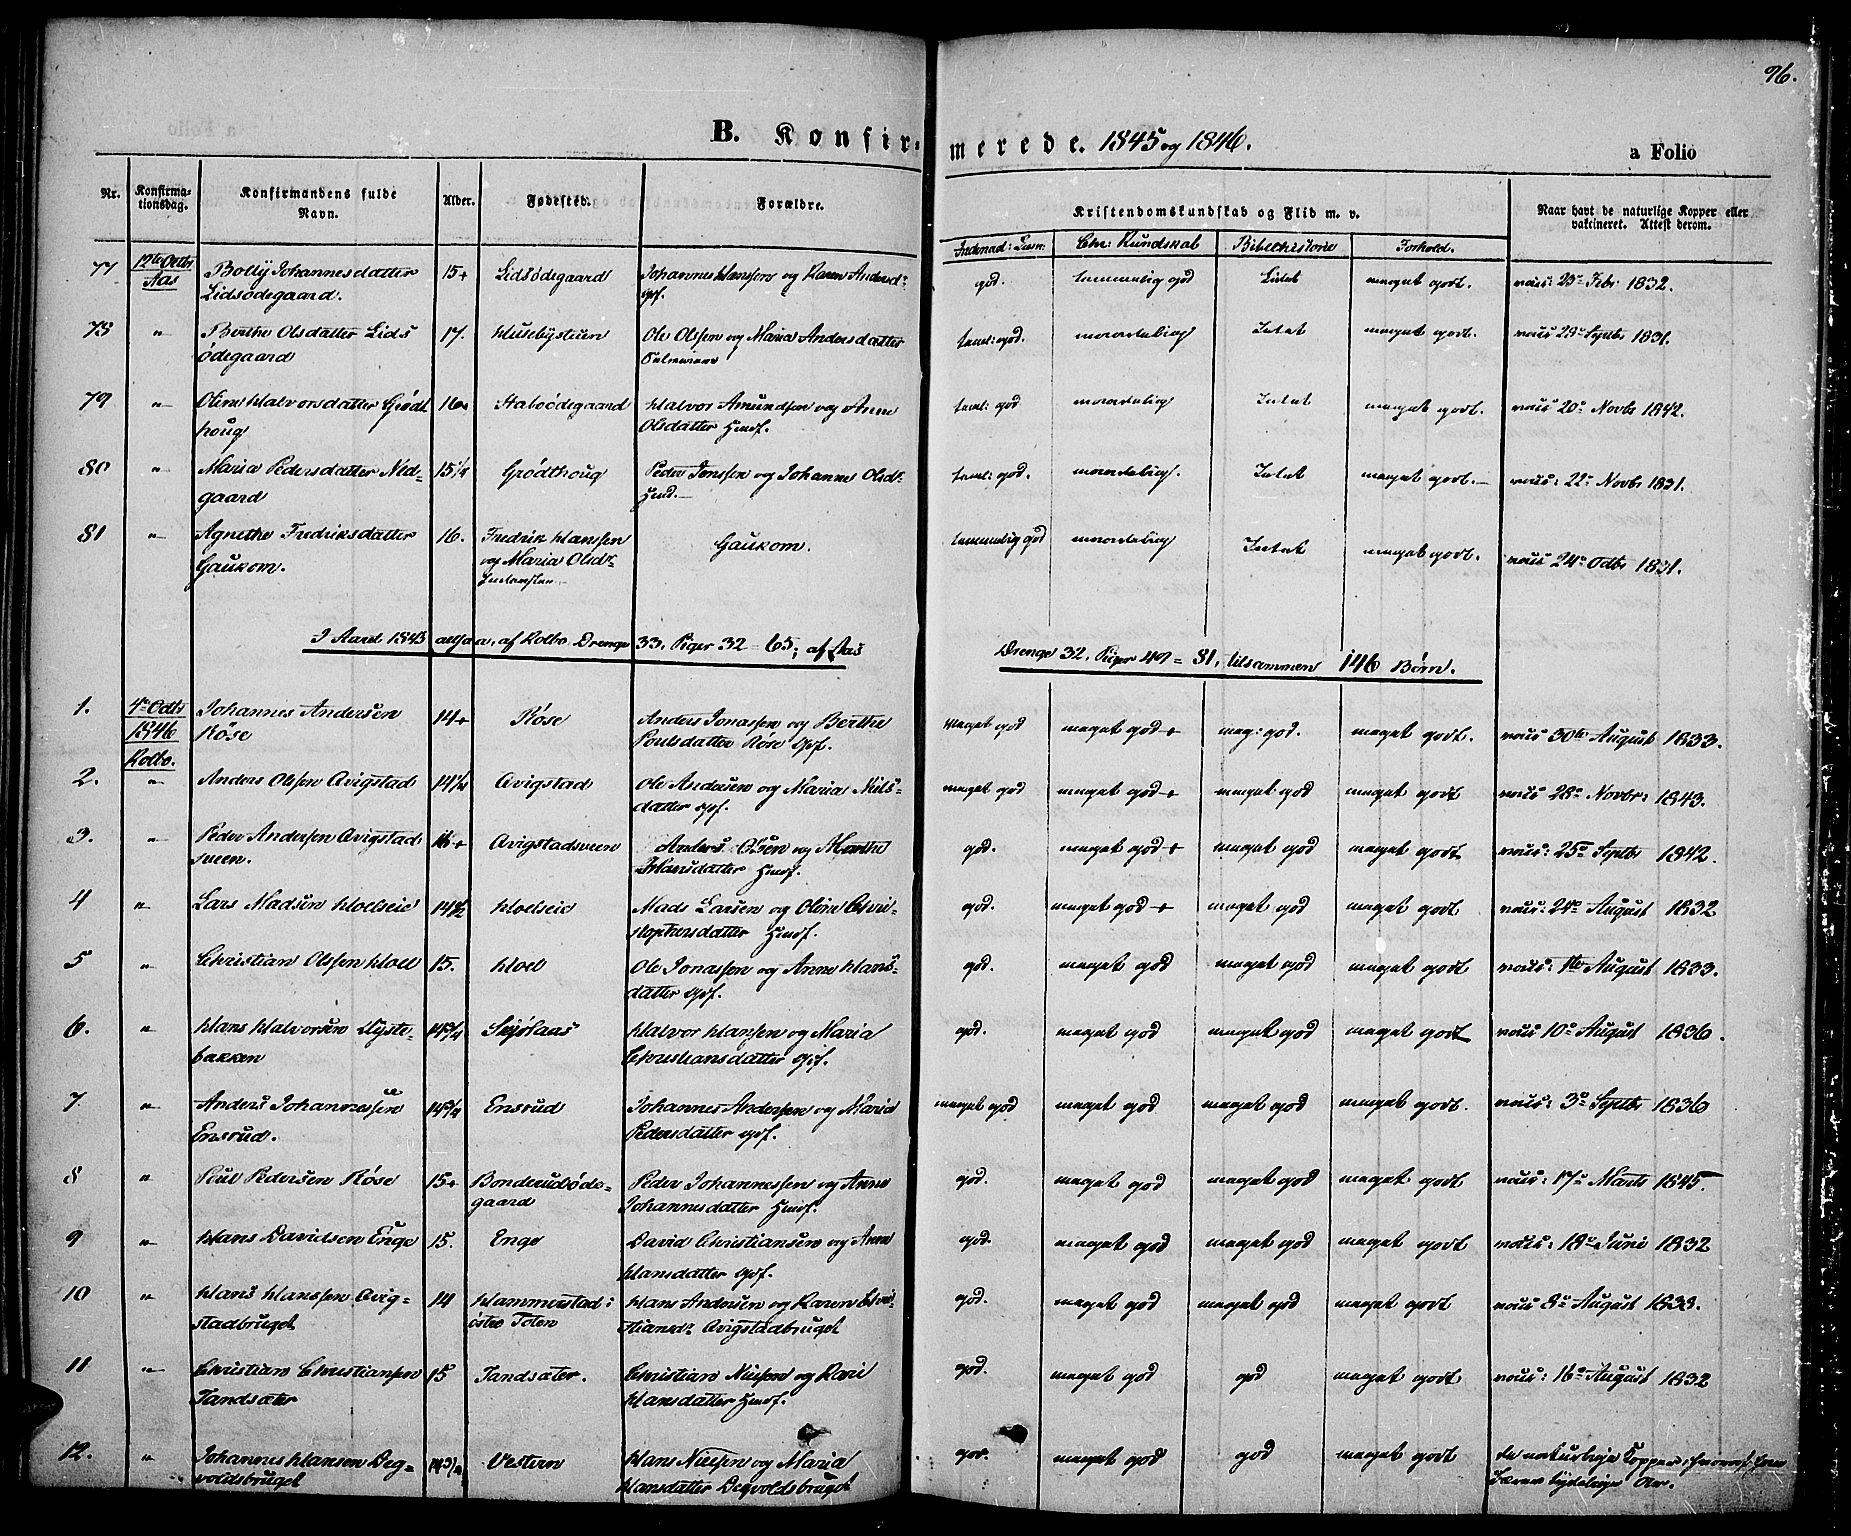 SAH, Vestre Toten prestekontor, Ministerialbok nr. 4, 1844-1849, s. 96